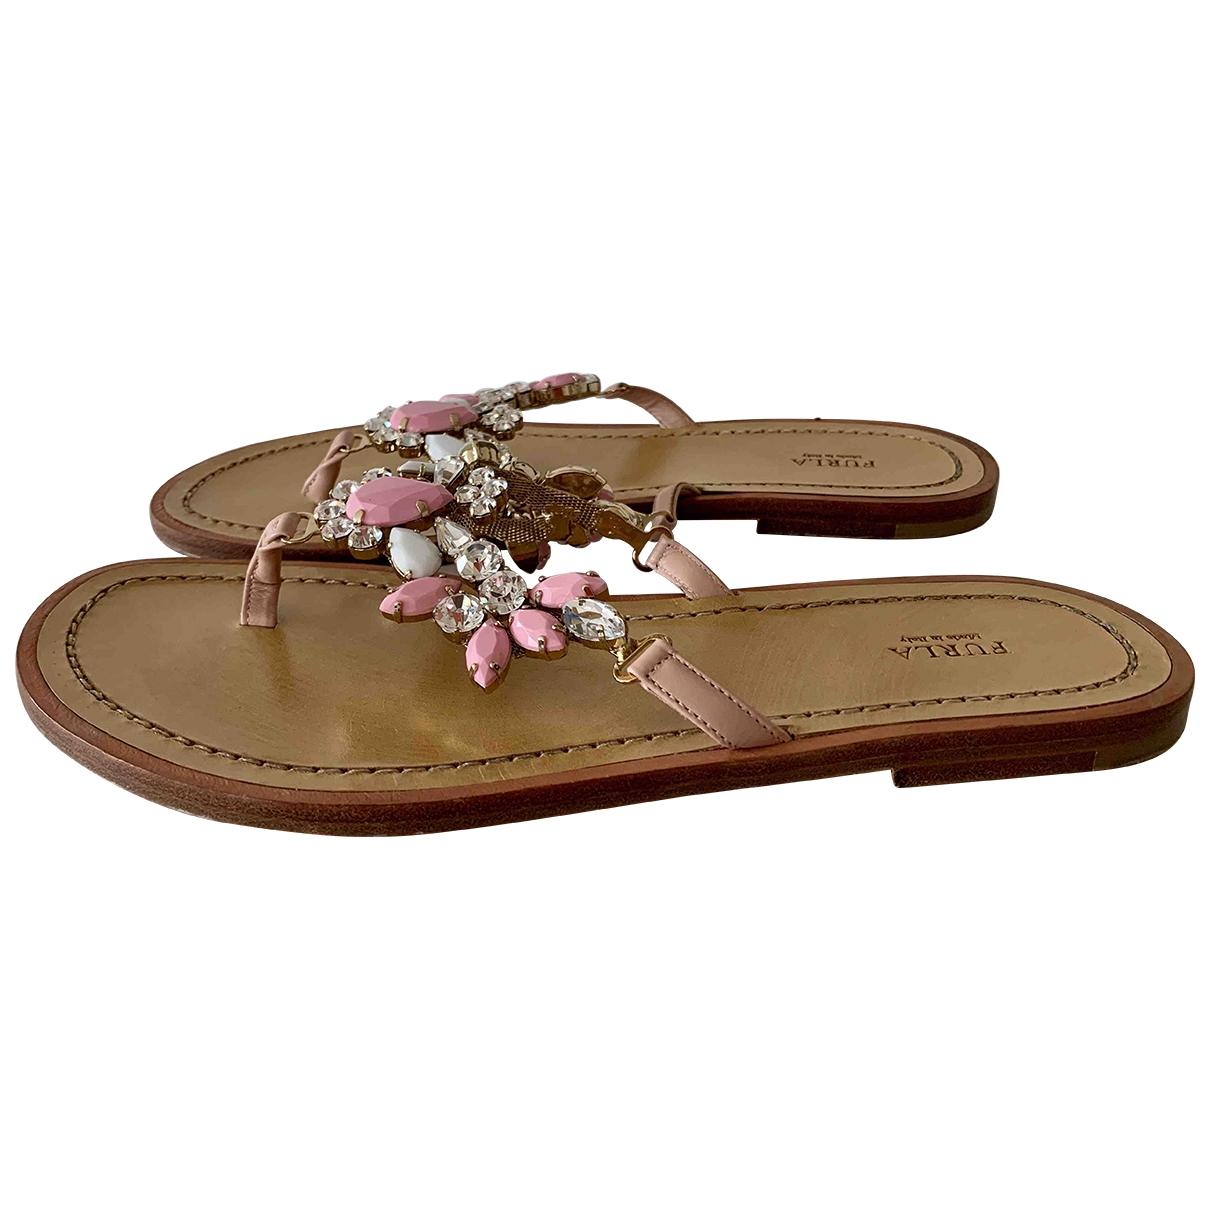 Furla - Sandales   pour femme en cuir - multicolore